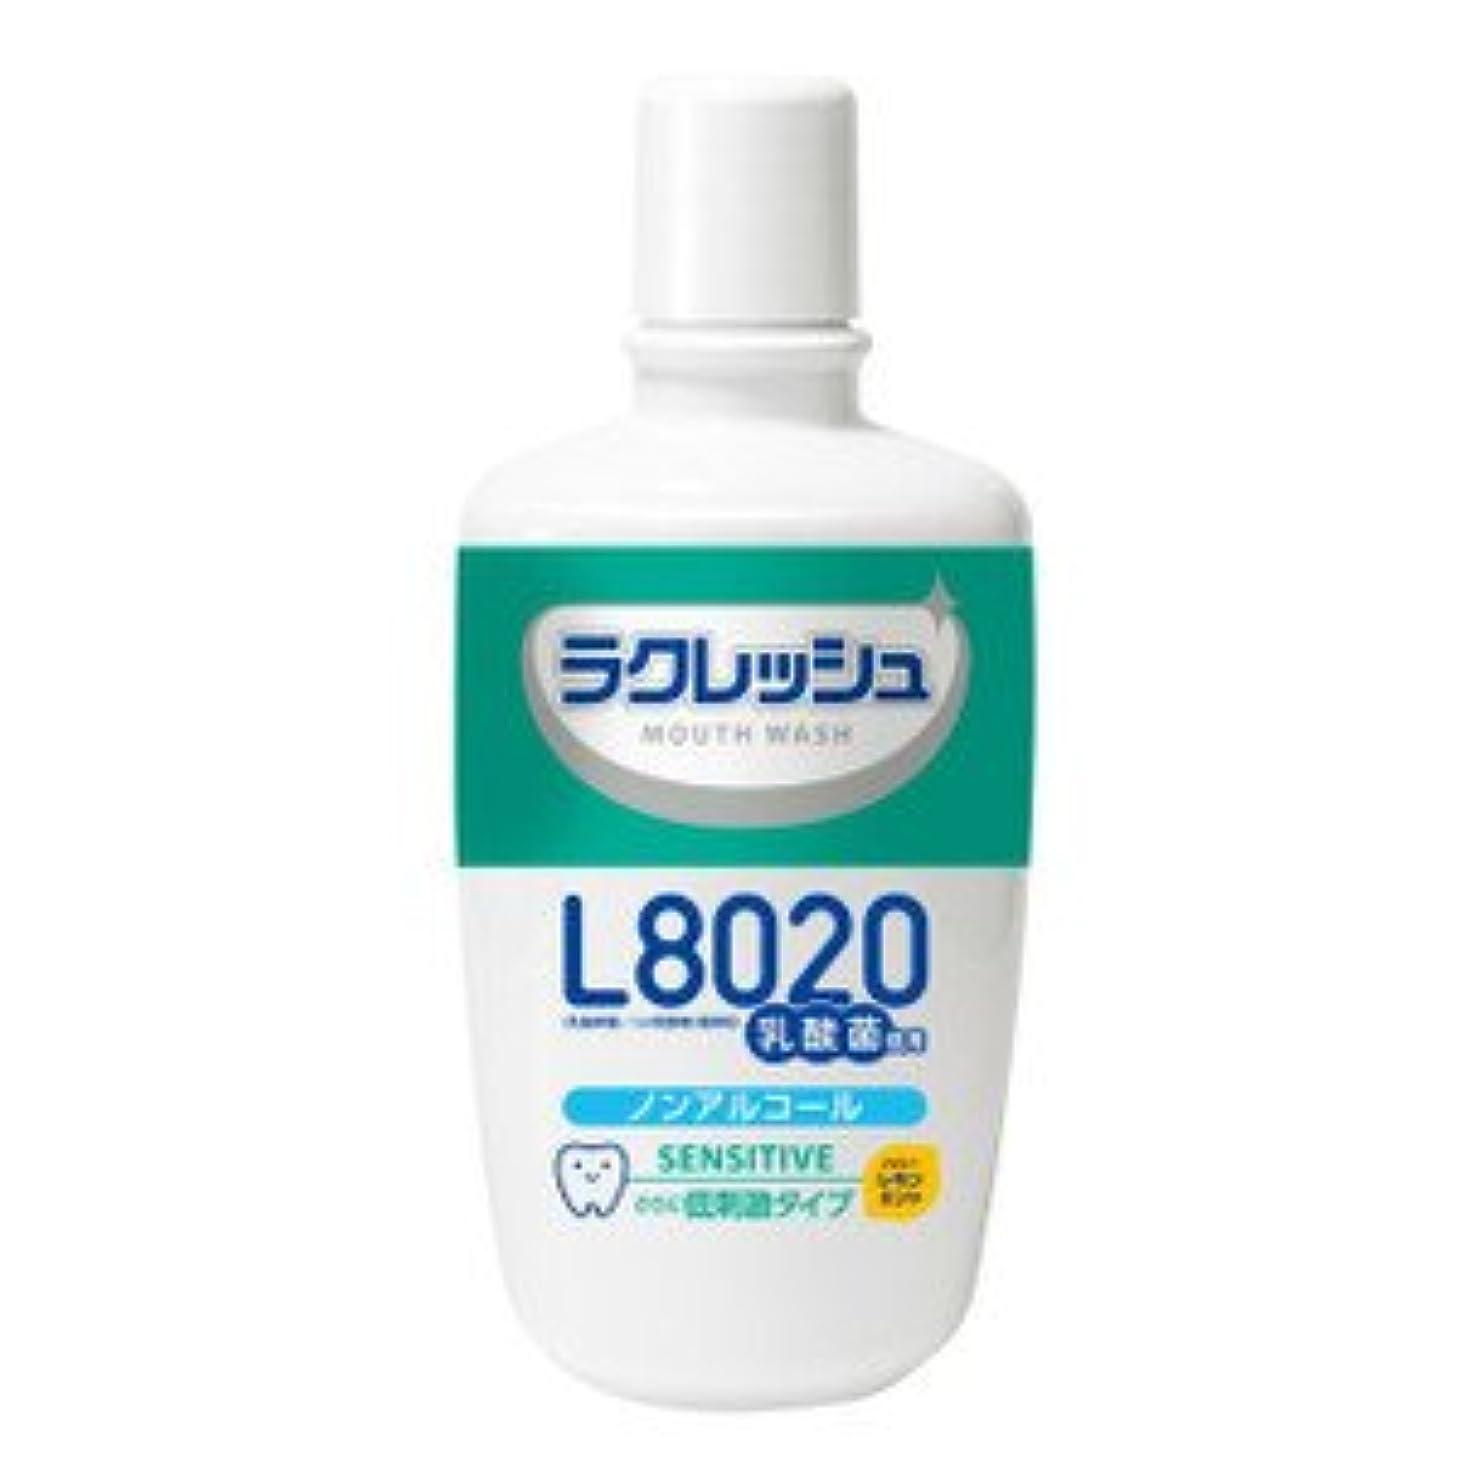 グラディス避けられないペストリージェクス ラクレッシュ L8020乳酸菌 マウスウォッシュ 洗口液センシティブタイプ 300ml×10個セット